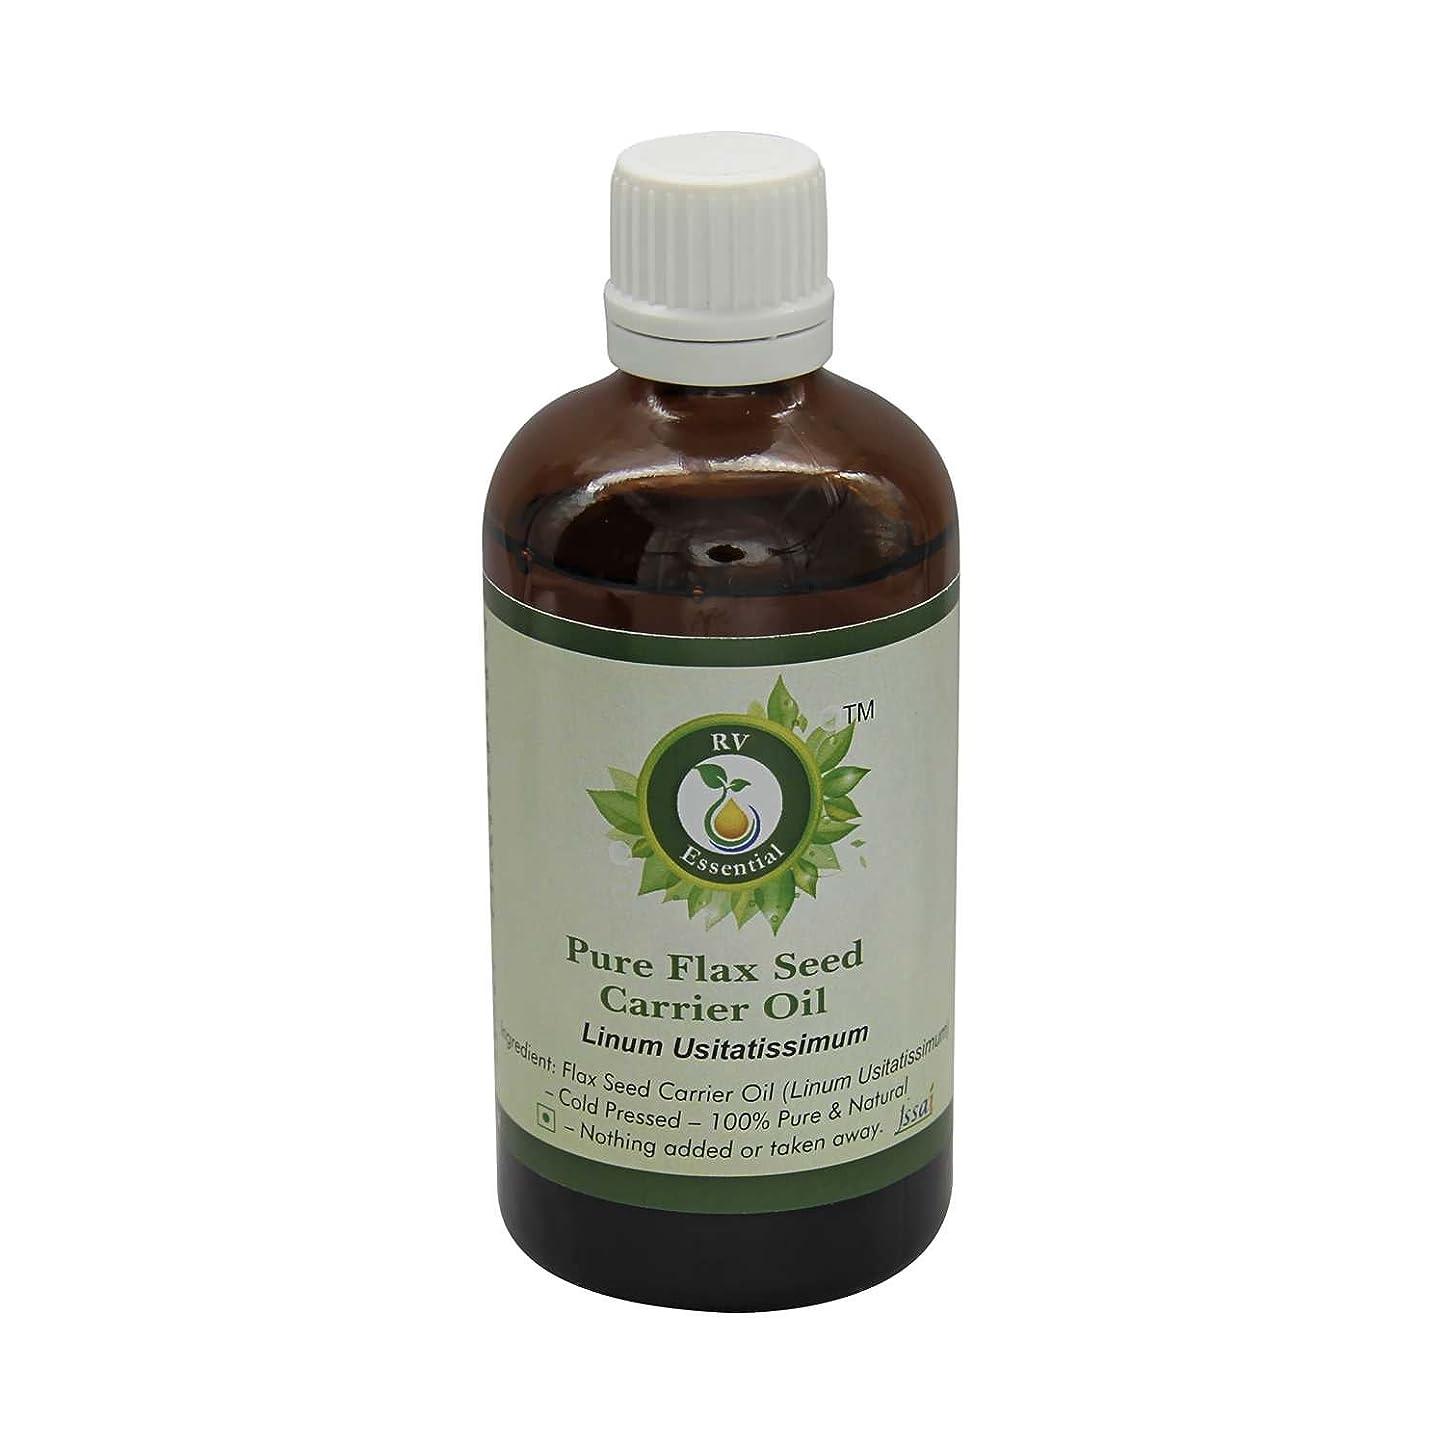 恨み付き添い人リーズR V Essential 純粋な亜麻シードキャリアオイル50ml (1.69oz)- Linum Usitatissimum (100%ピュア&ナチュラルコールドPressed) Pure Flax Seed Carrier Oil